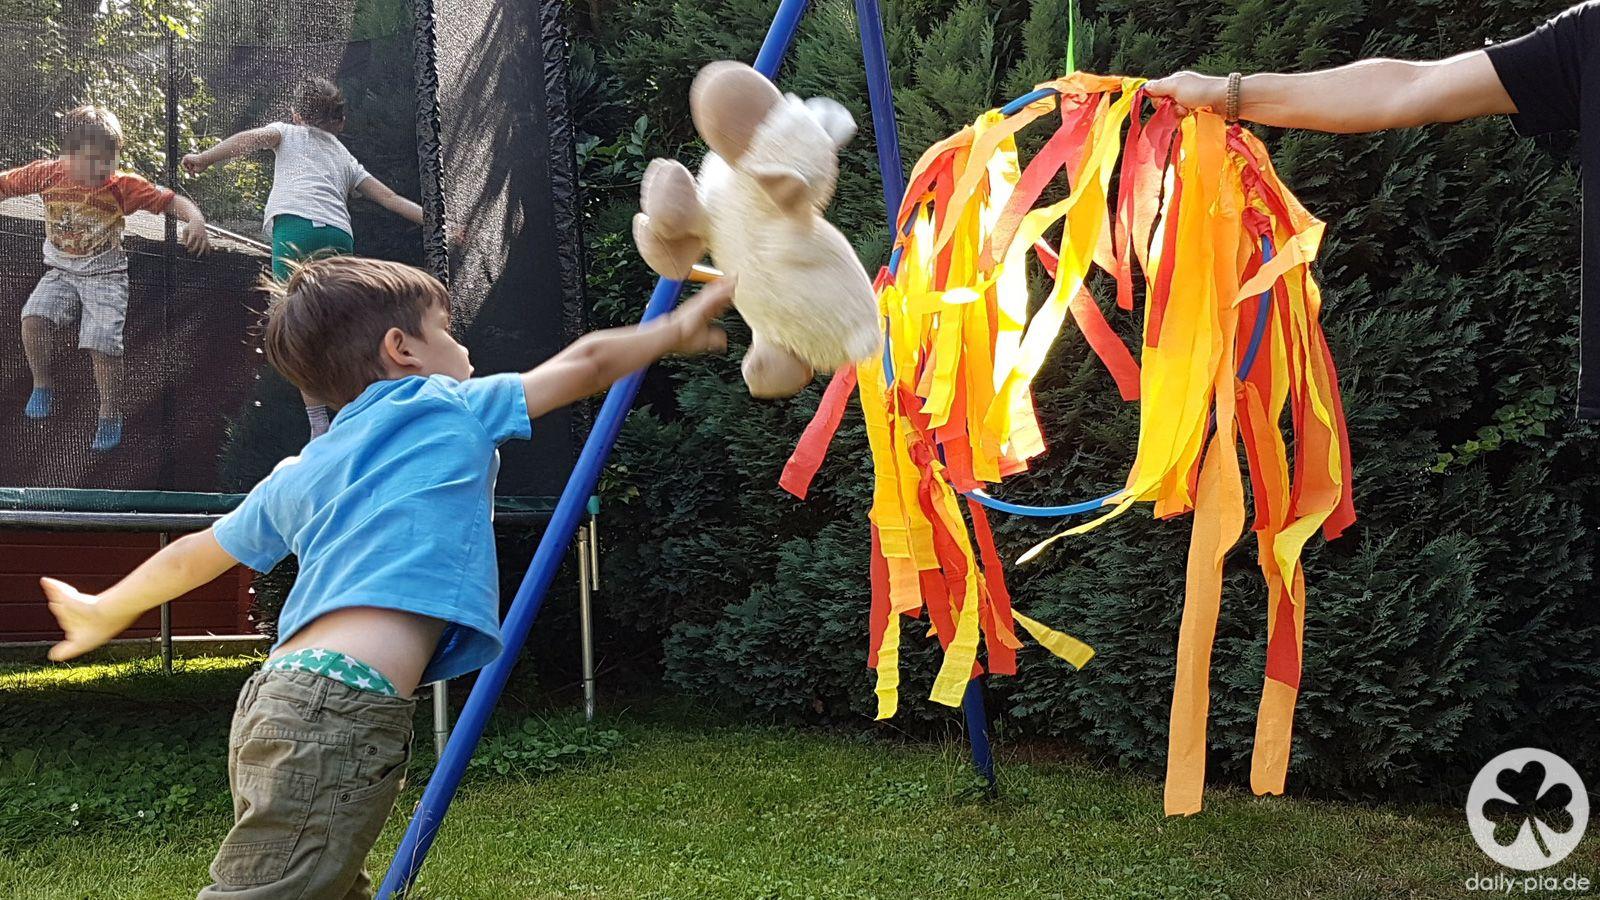 Bis Einer Heult 9 Kleine Drachenreiter In Unserem Garten Kindergeburtstag Ritter Kinder Geburtstag Ideen Kinder Geburtstag